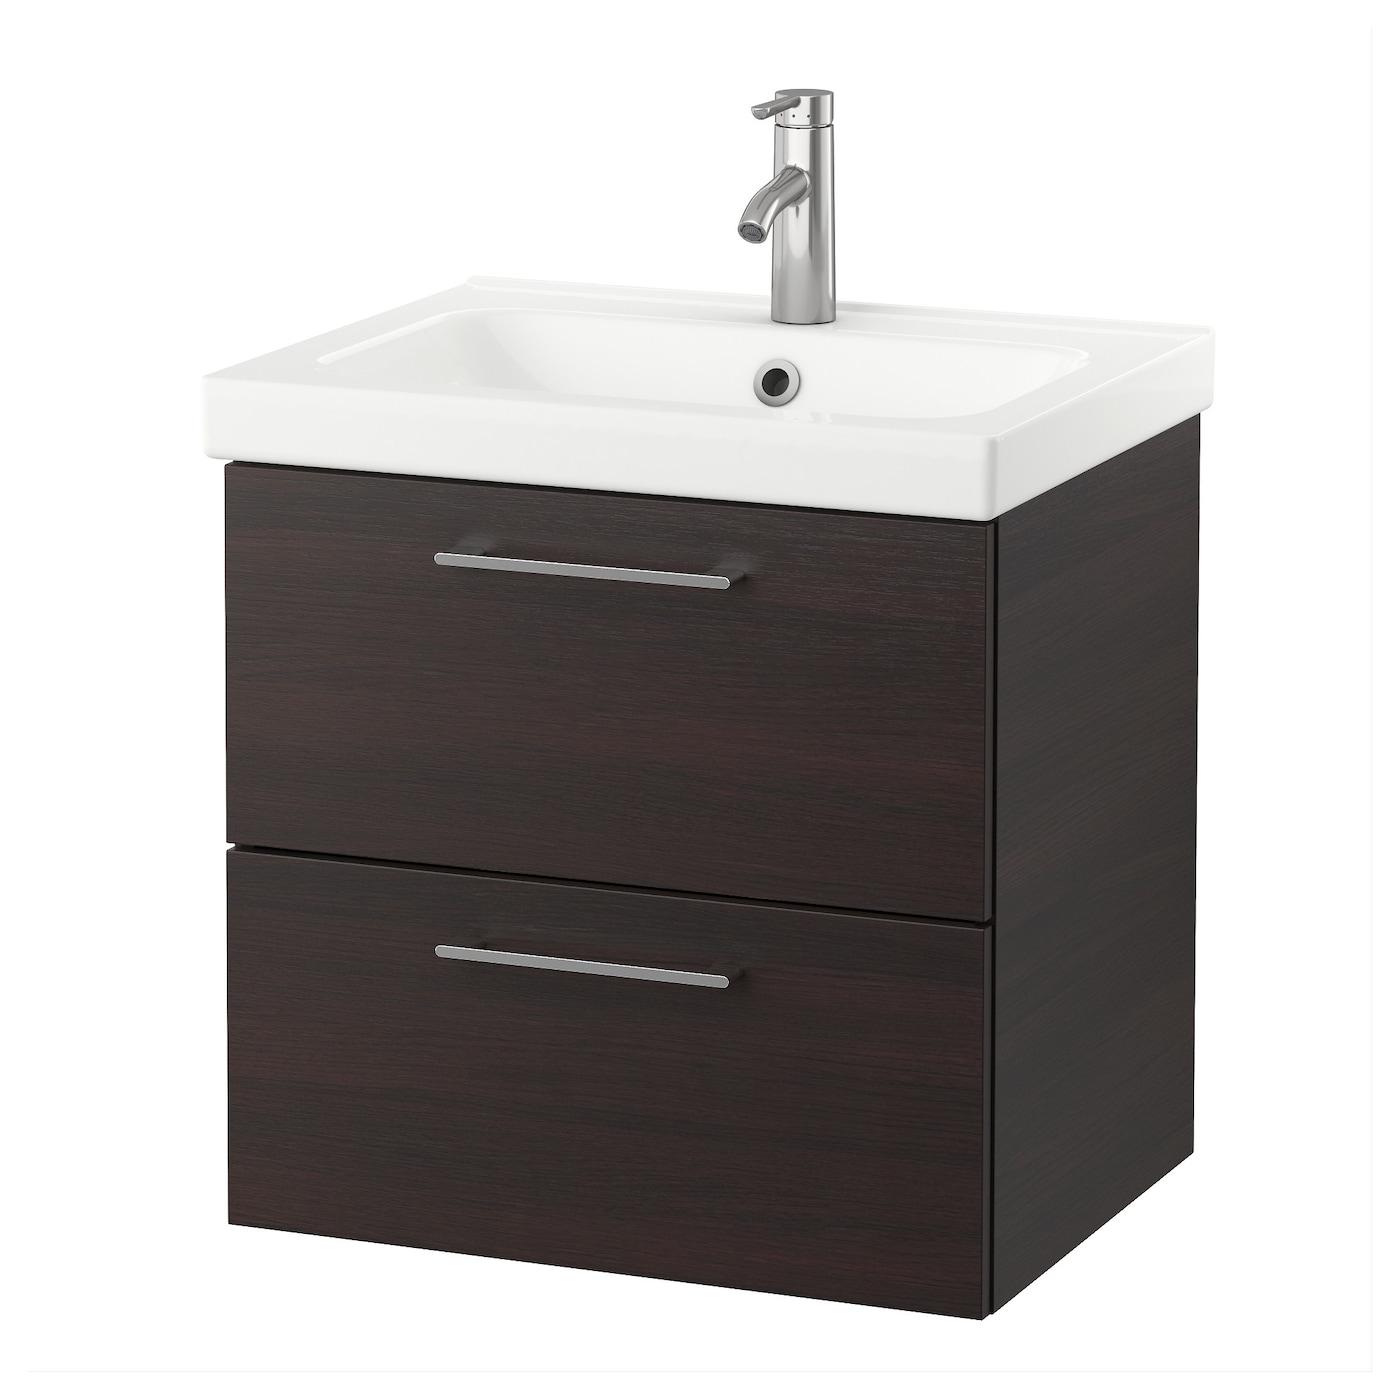 Odensvik godmorgon meuble lavabo 2tir brun noir 60x49x64 - Ikea salle de bain meuble lavabo ...